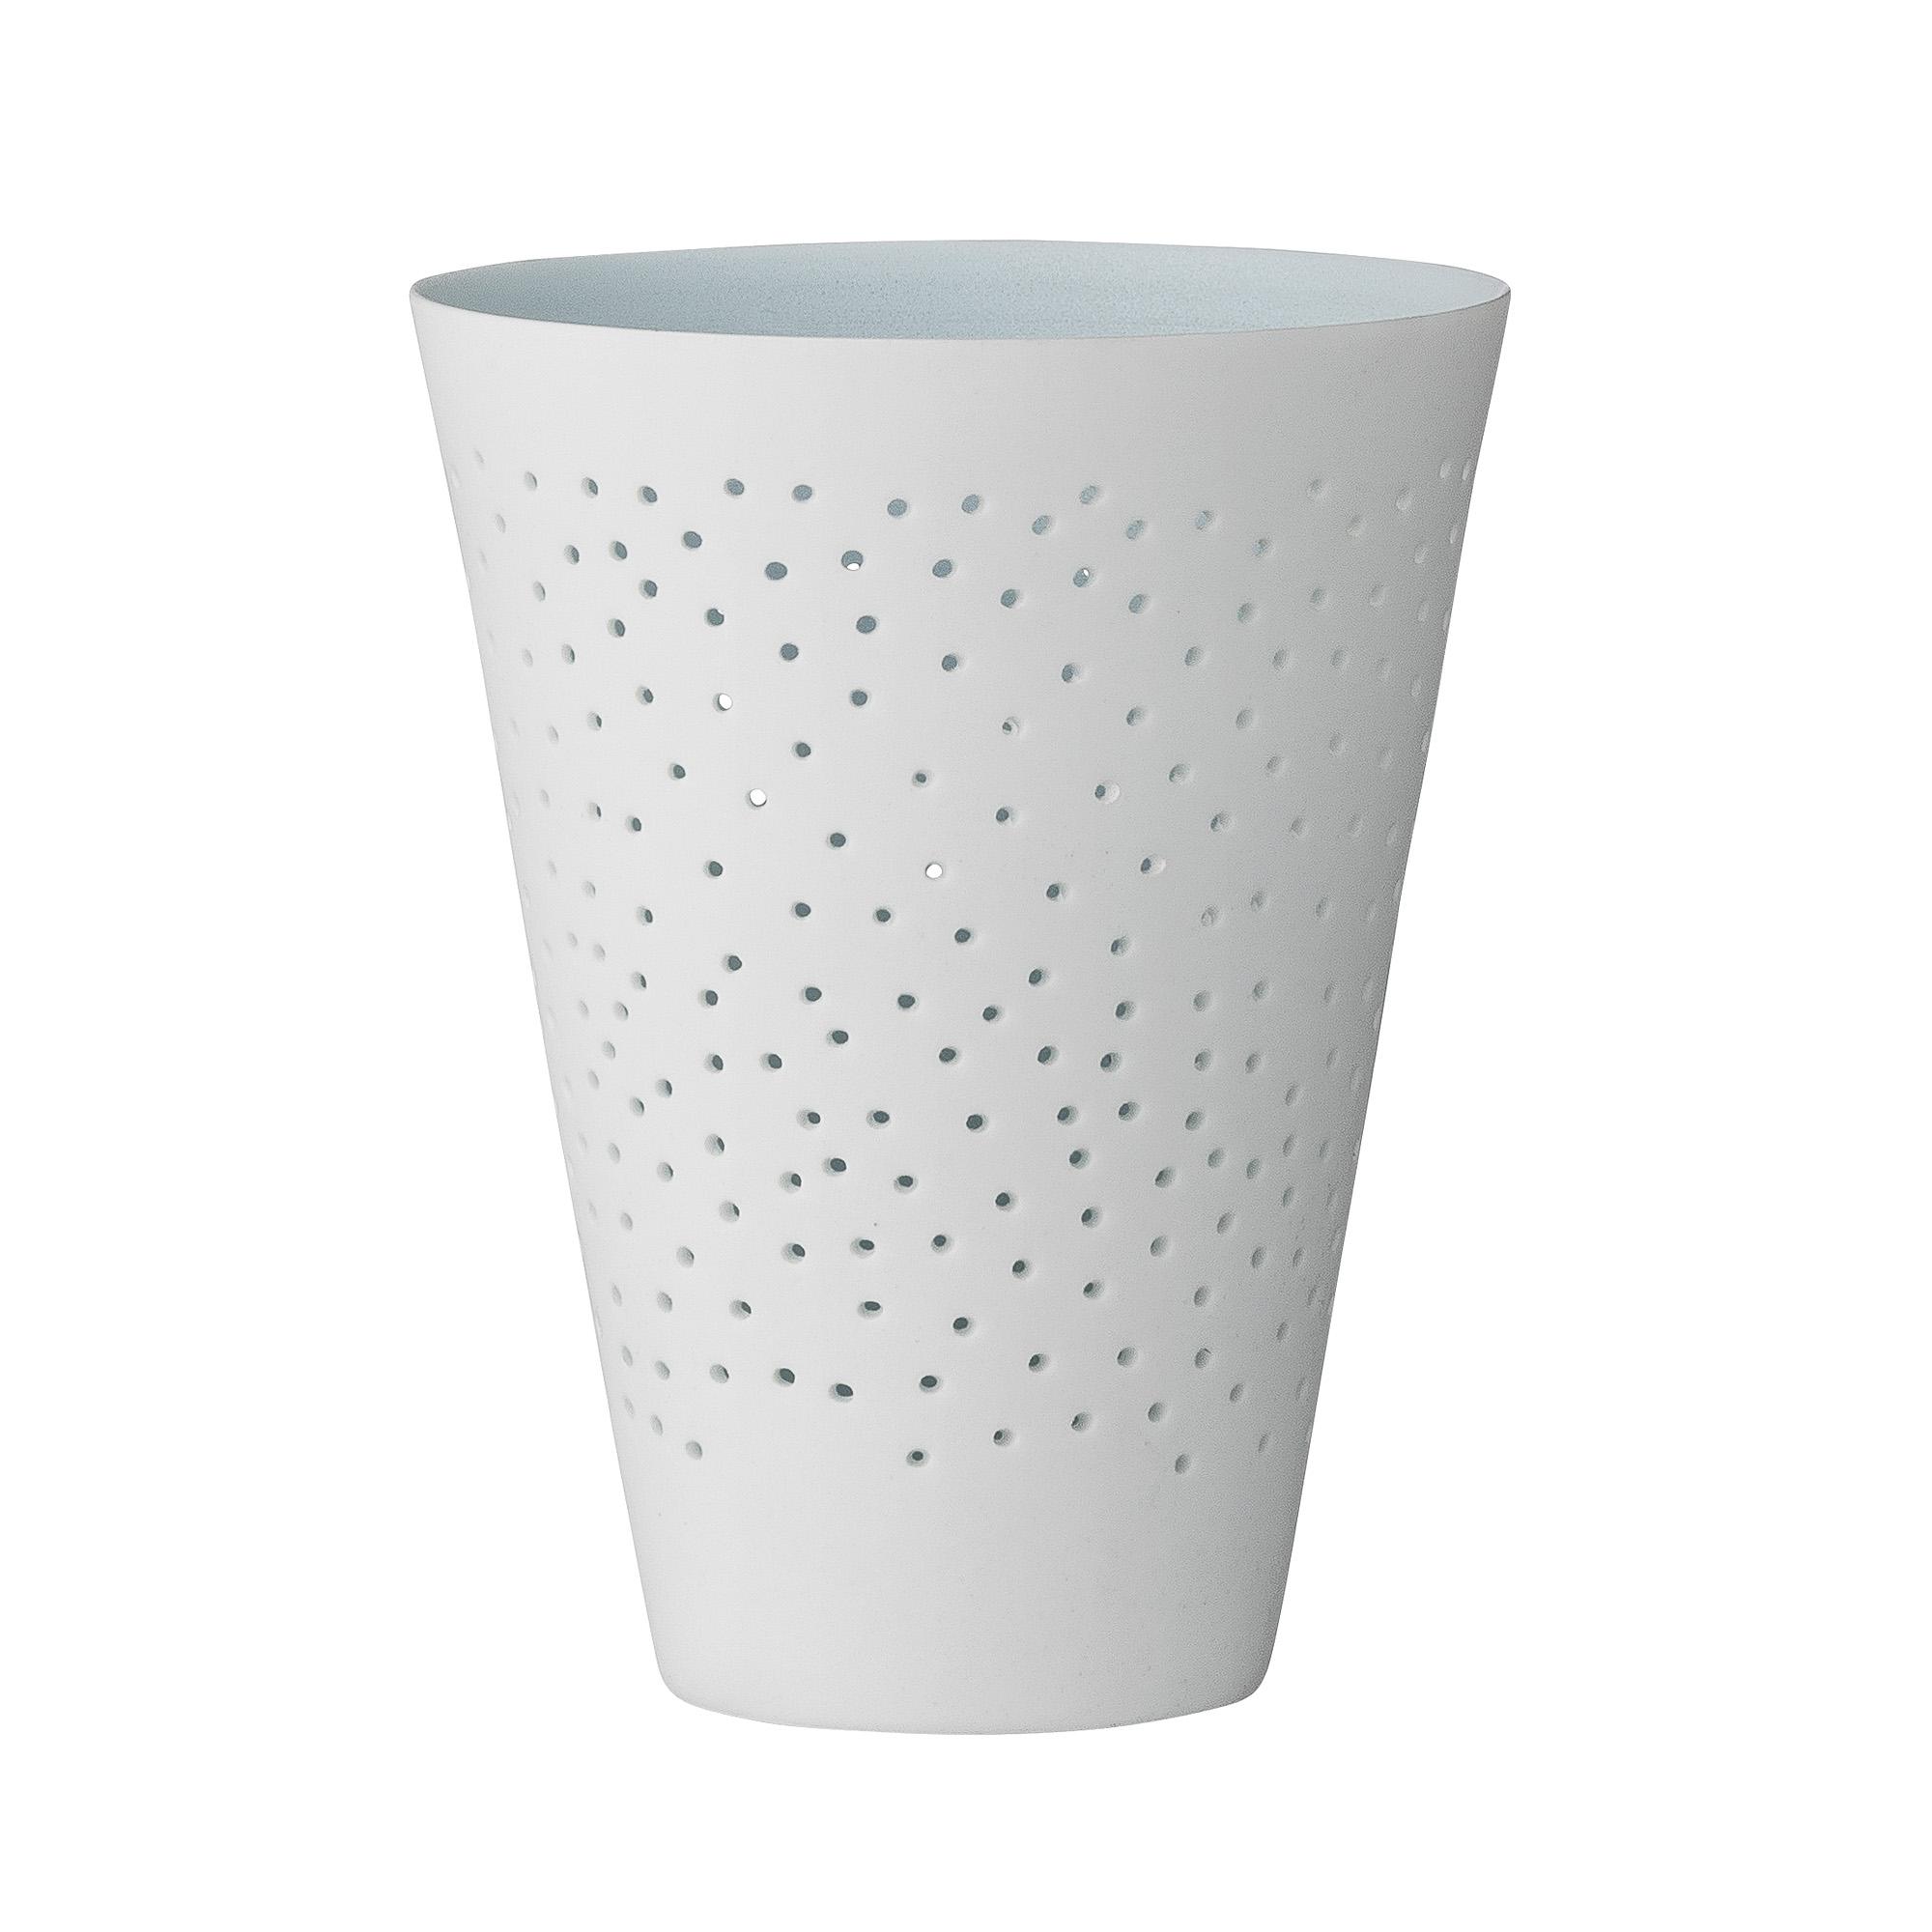 Vaza Dots Alb, Portelan, Ø8xH10,5 cm title=Vaza Dots Alb, Portelan, Ø8xH10,5 cm